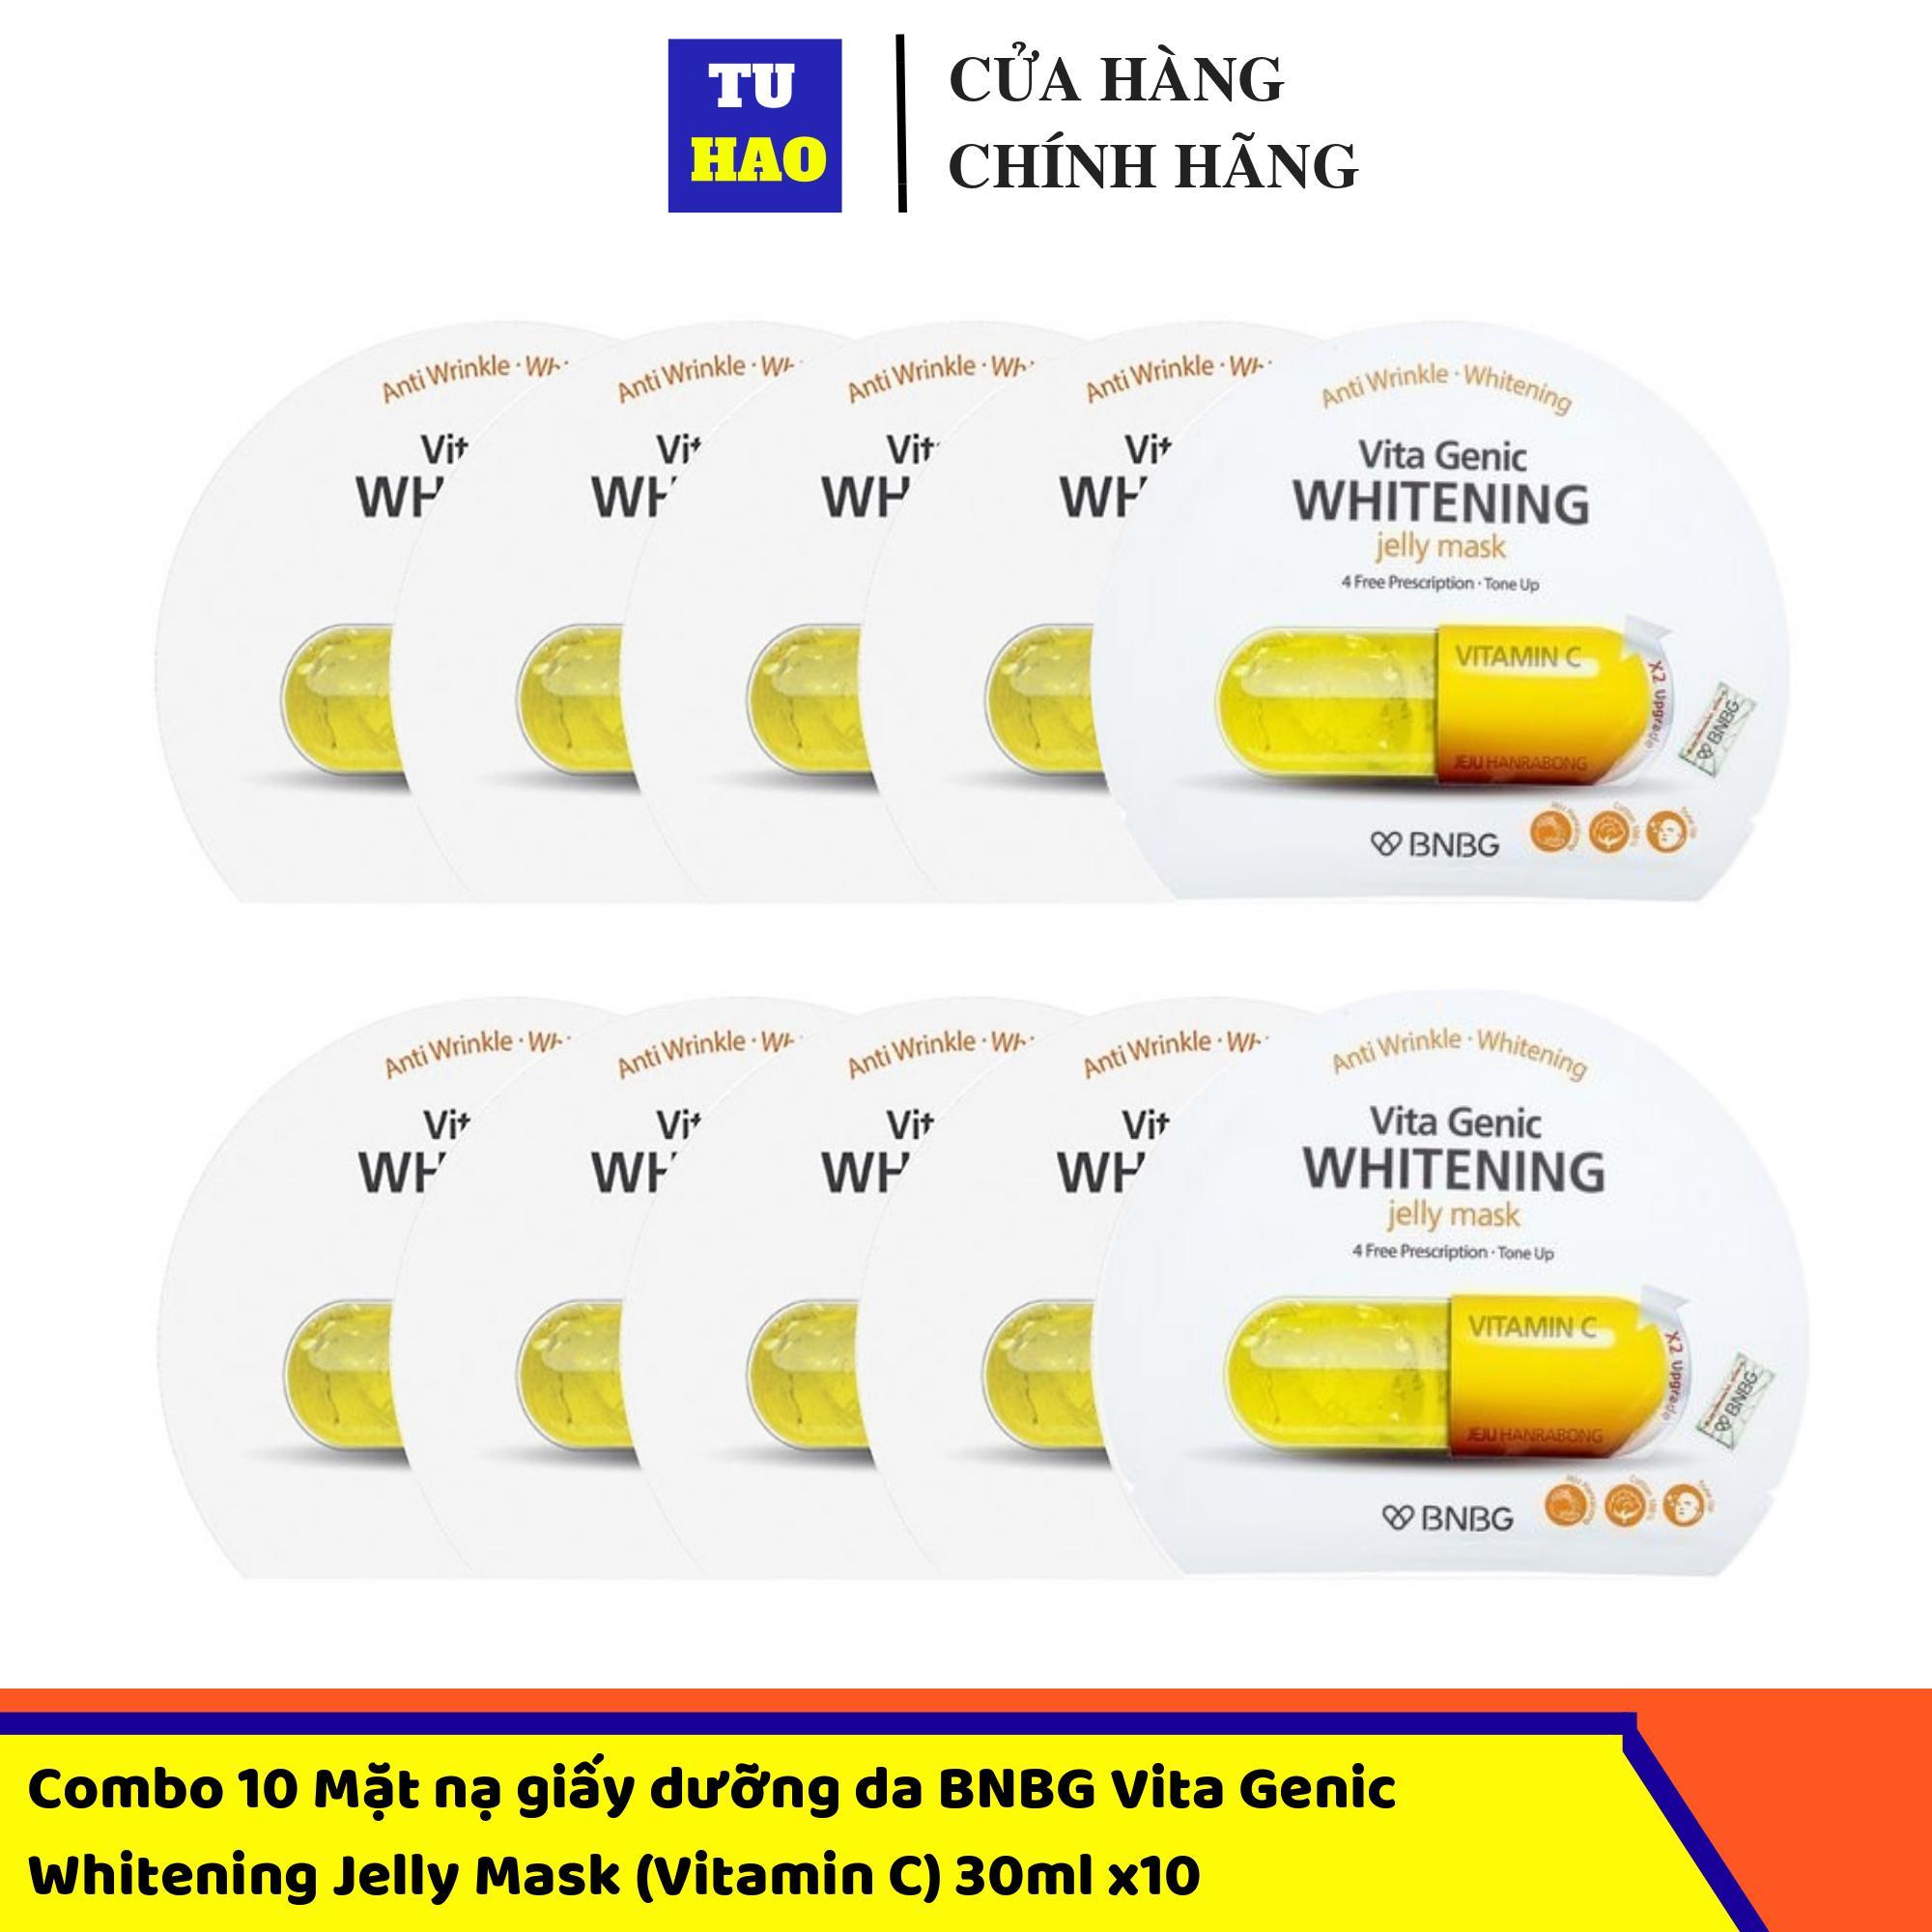 Hộp 10 Mặt nạ giấy dưỡng da BNBG Vita Genic Whitening Jelly Mask (Vitamin C) 30ml x10